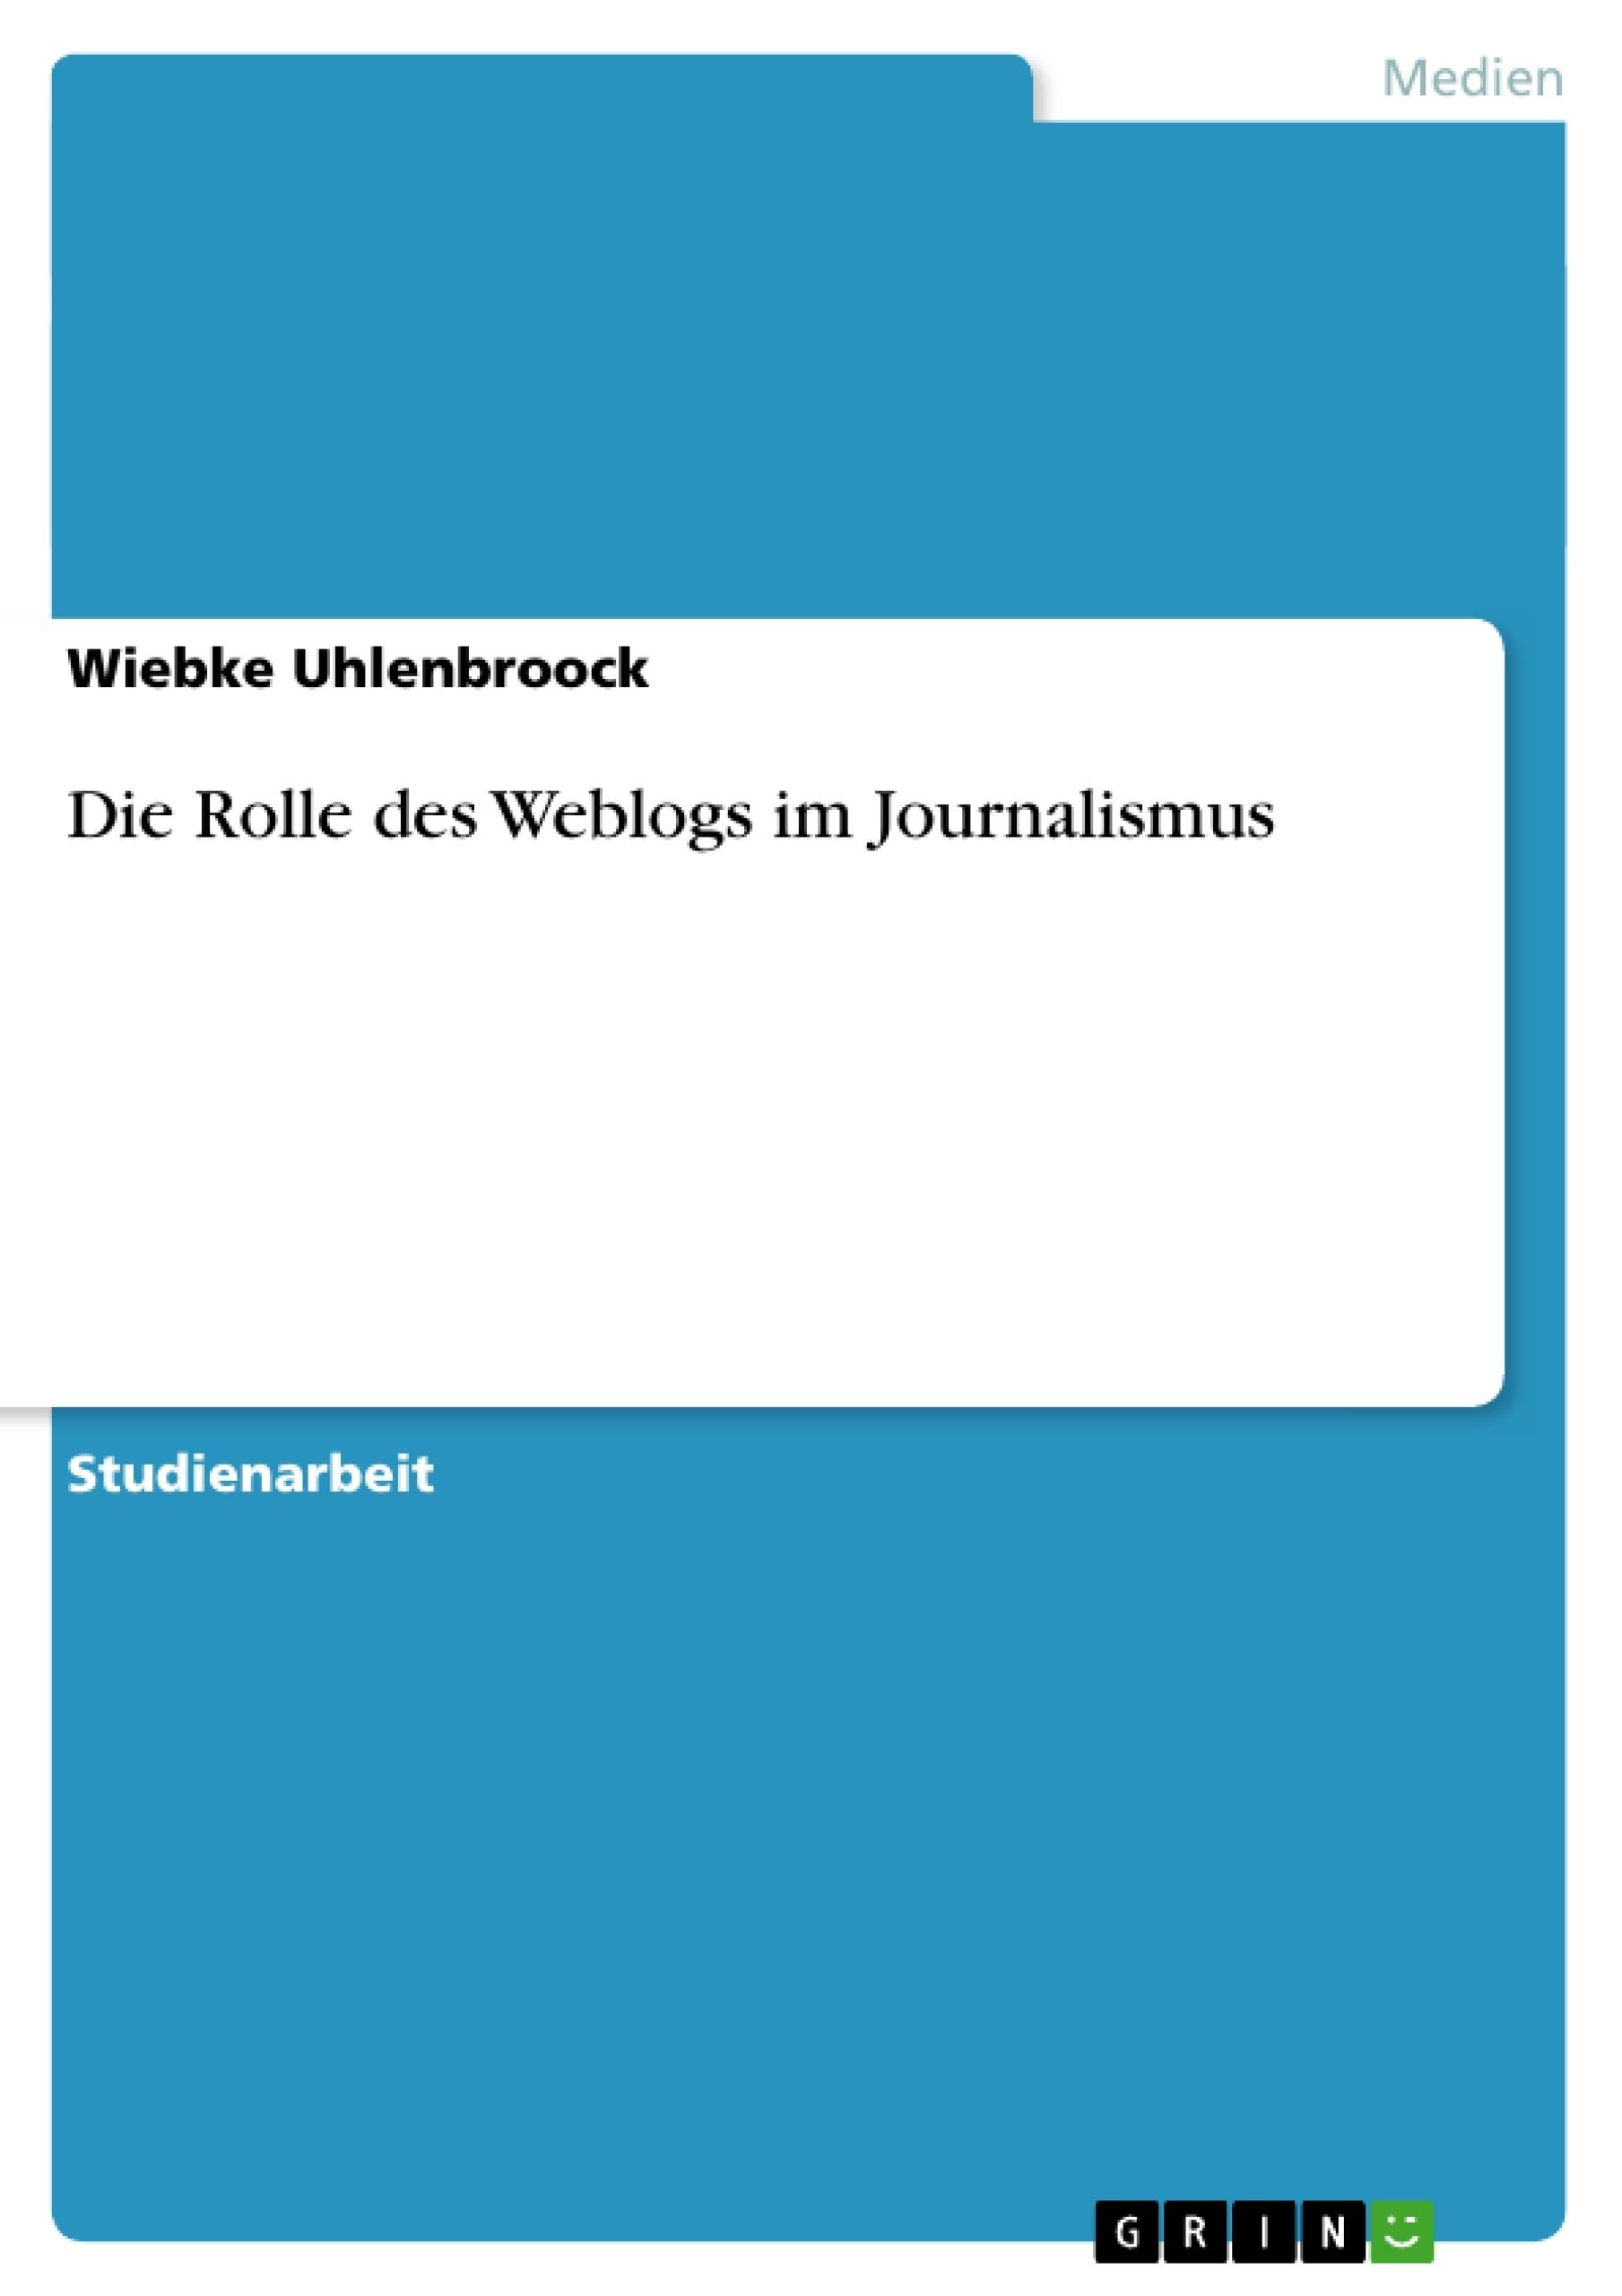 Titel: Die Rolle des Weblogs im Journalismus